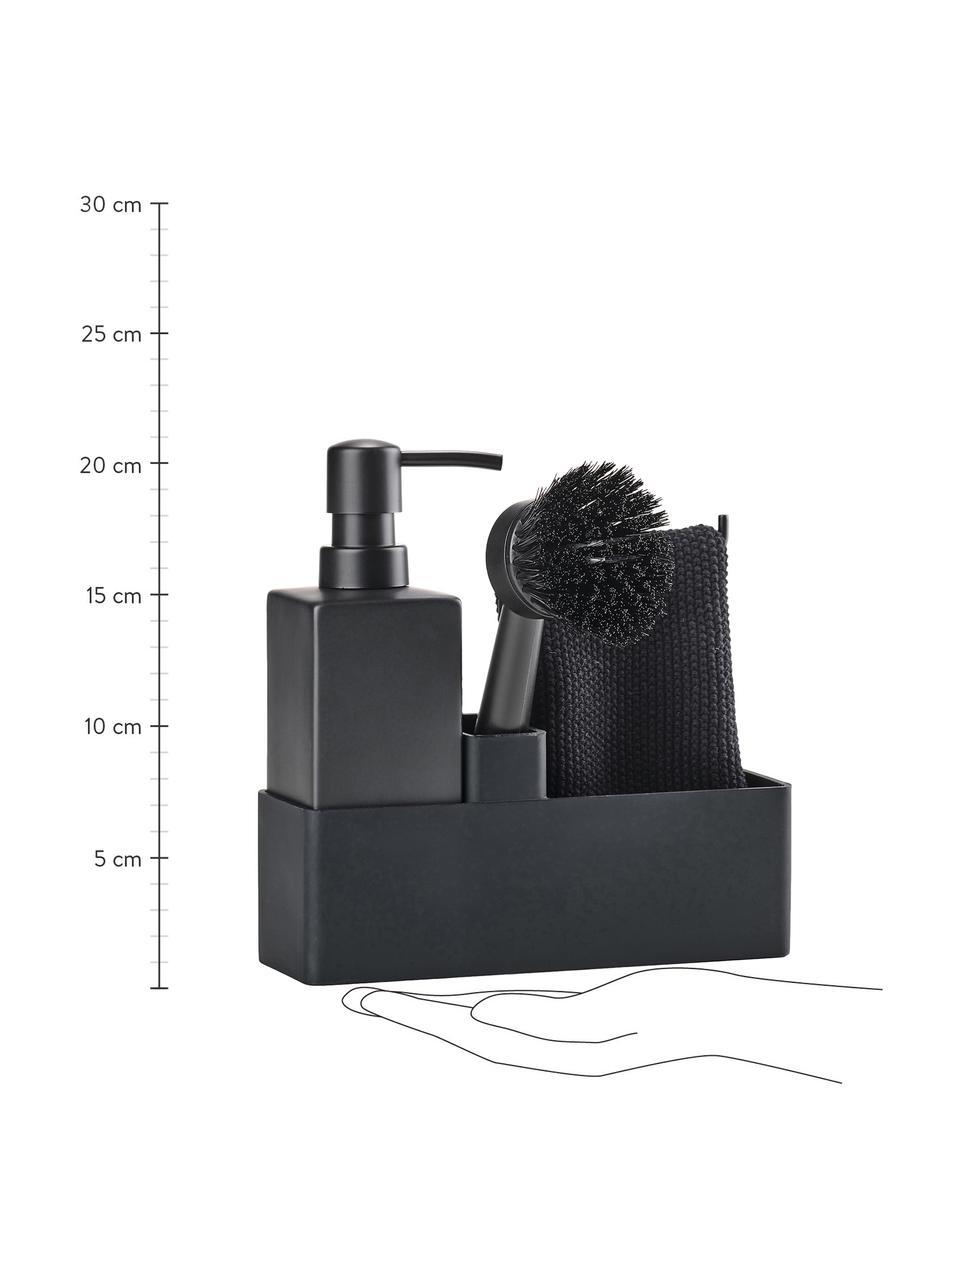 Afwasmiddelbakje Parta met afwasborstel, 3-delig, Keramiek, siliconen, Zwart, 19 x 21 cm